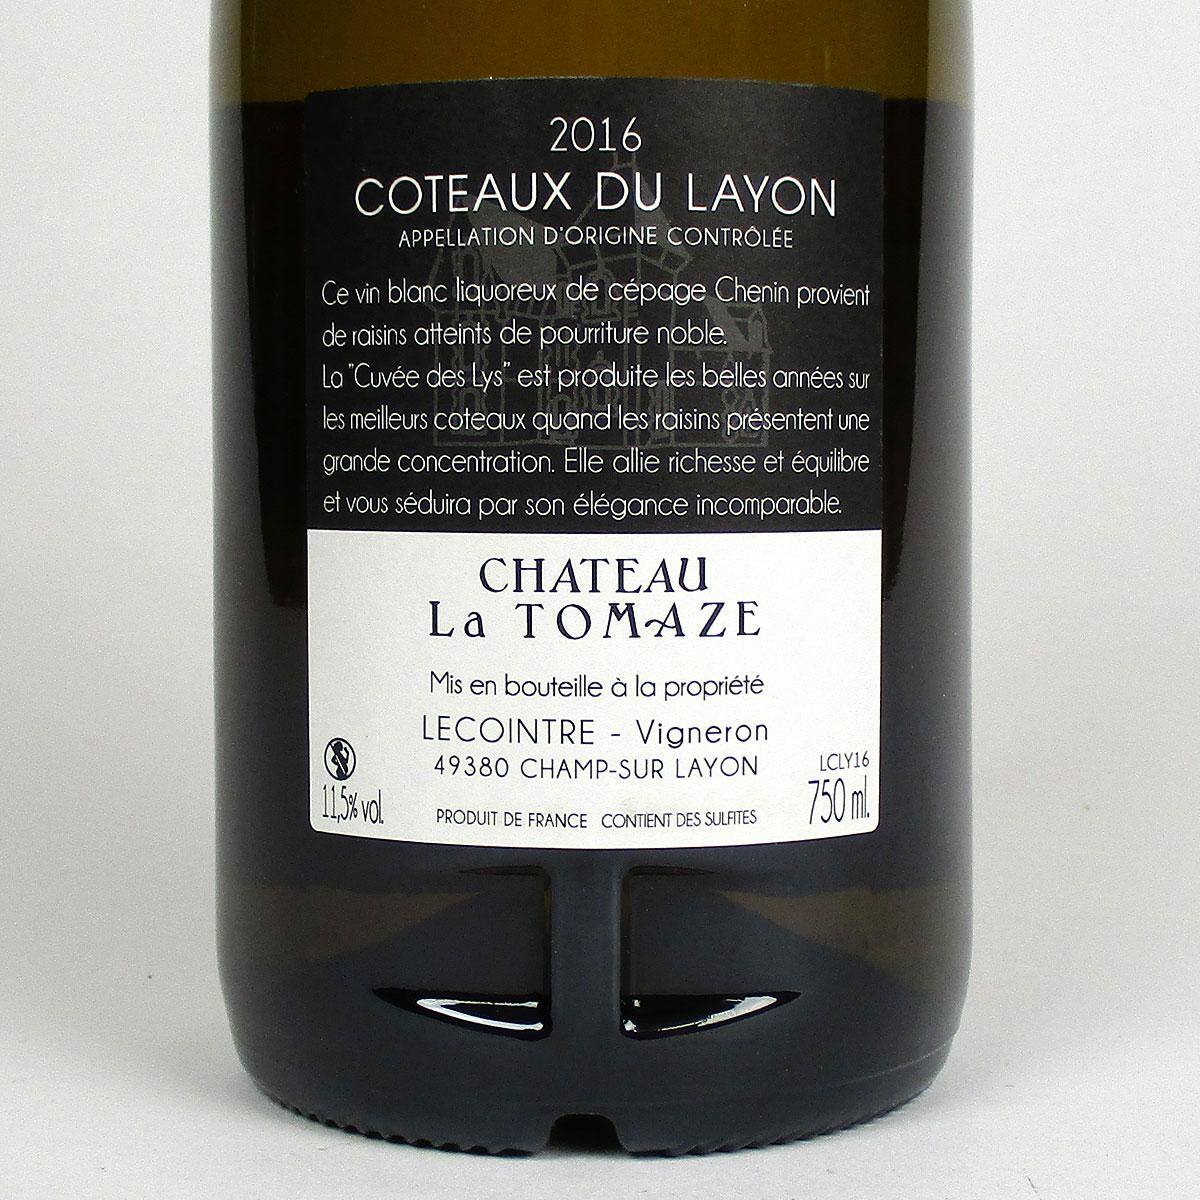 Coteaux du Layon: 'Cuvée des Lys' Château la Tomaze 2016 - Bottle Rear Label